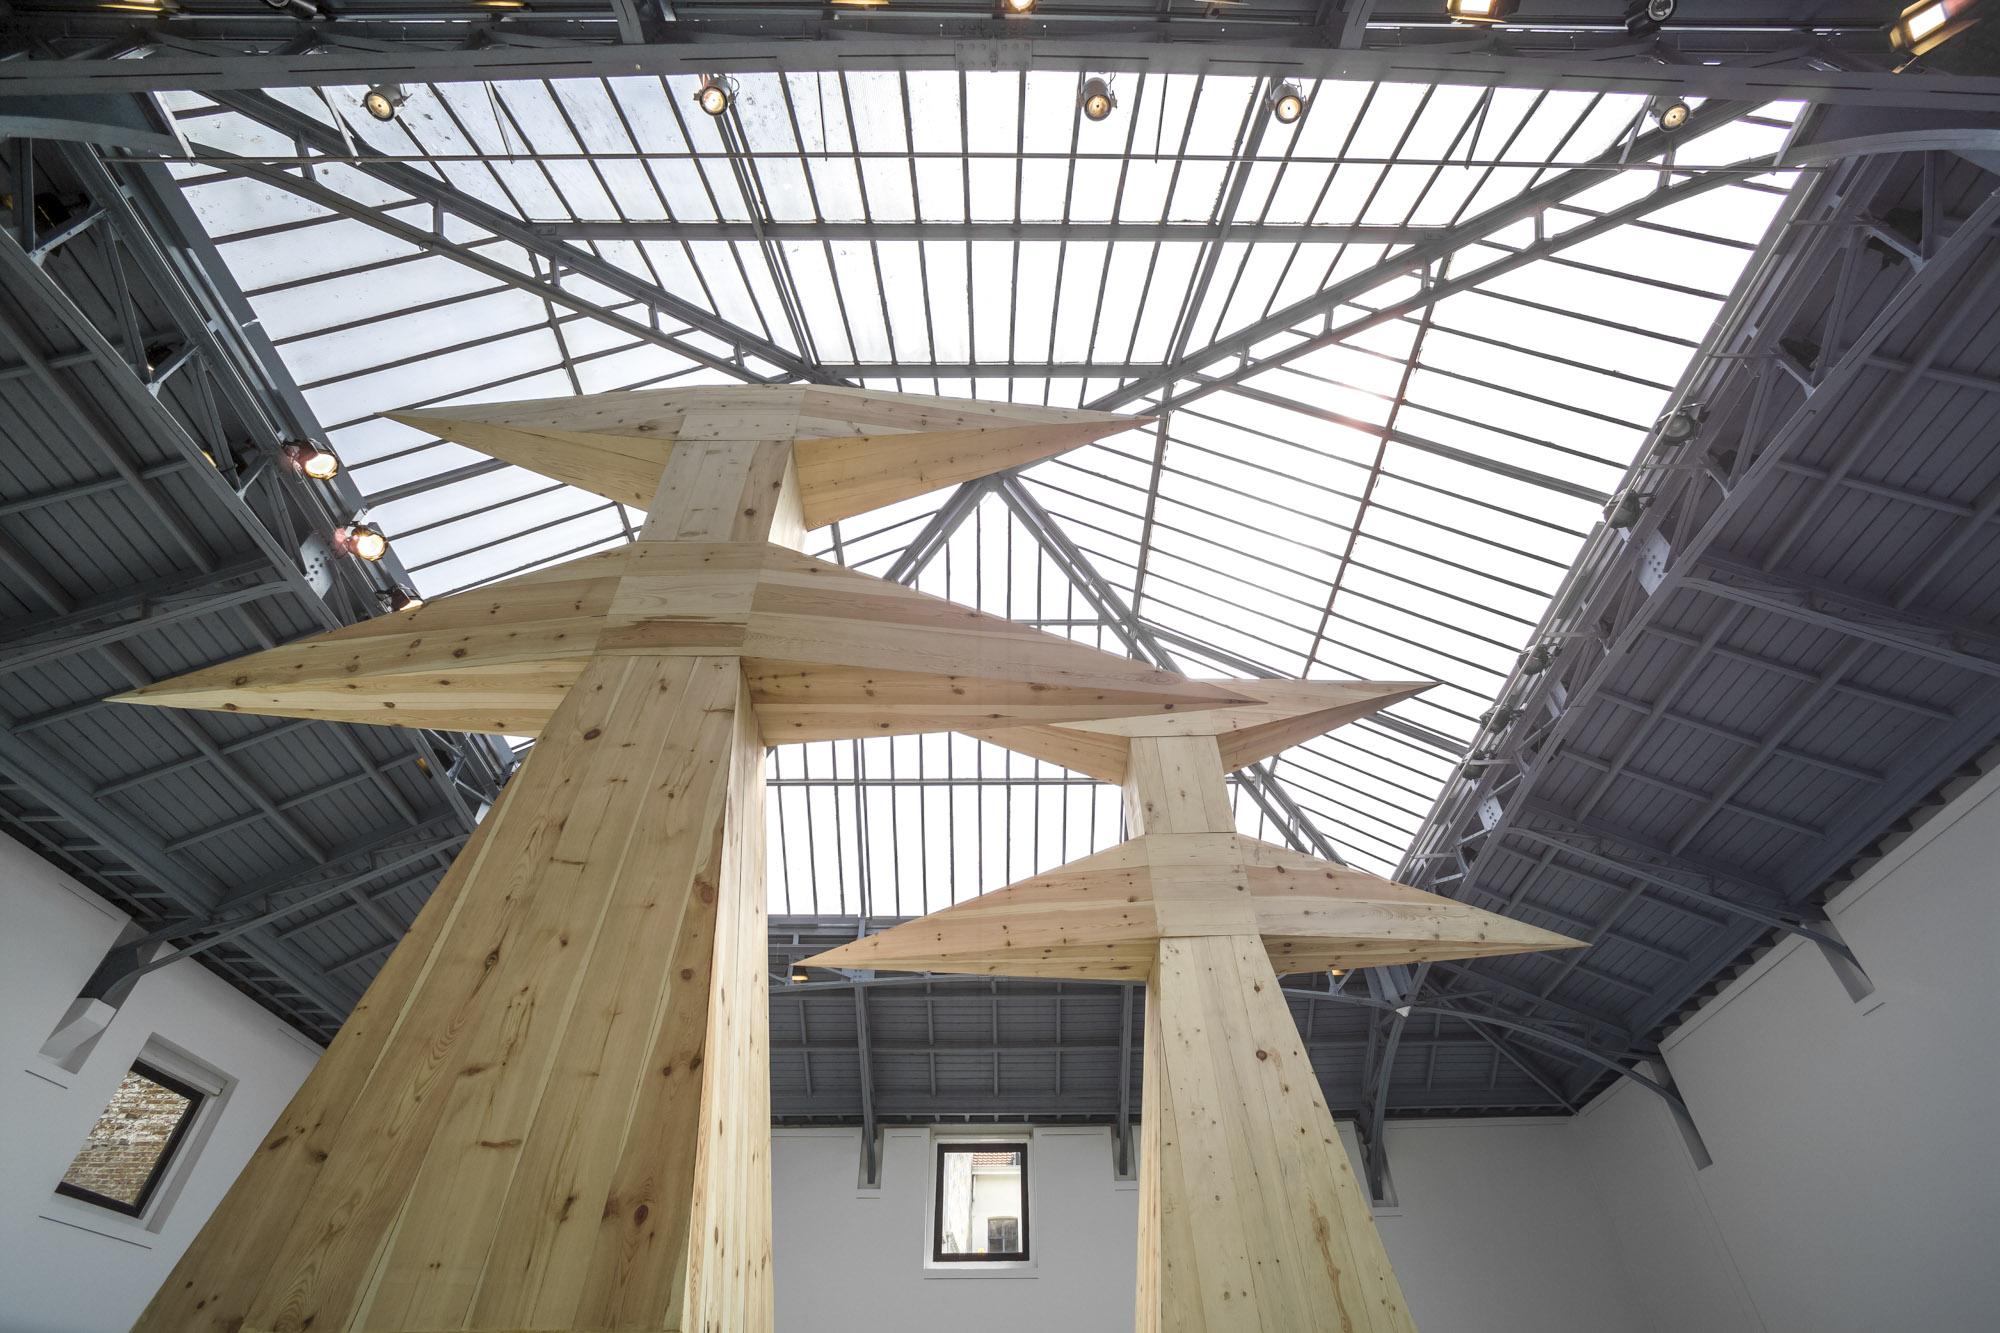 Exposition Assan Smati, La Verrière, Fondation d'entreprise Hermès, 2008